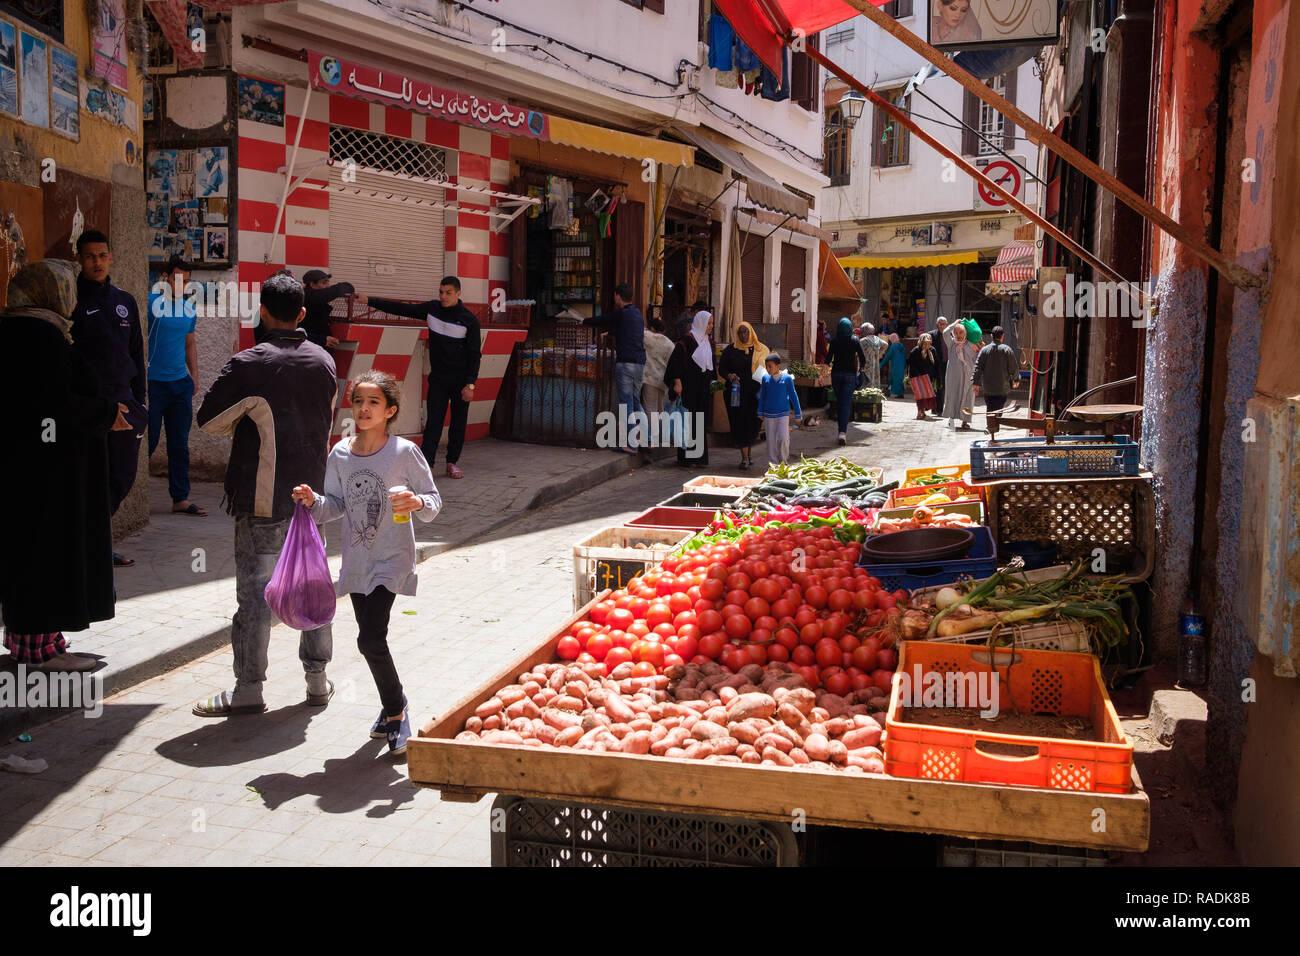 Marocco: Casablanca. Scena di strada, nella vecchia medina. Bancarelle di verdure e negozi. *** Caption locale *** Immagini Stock